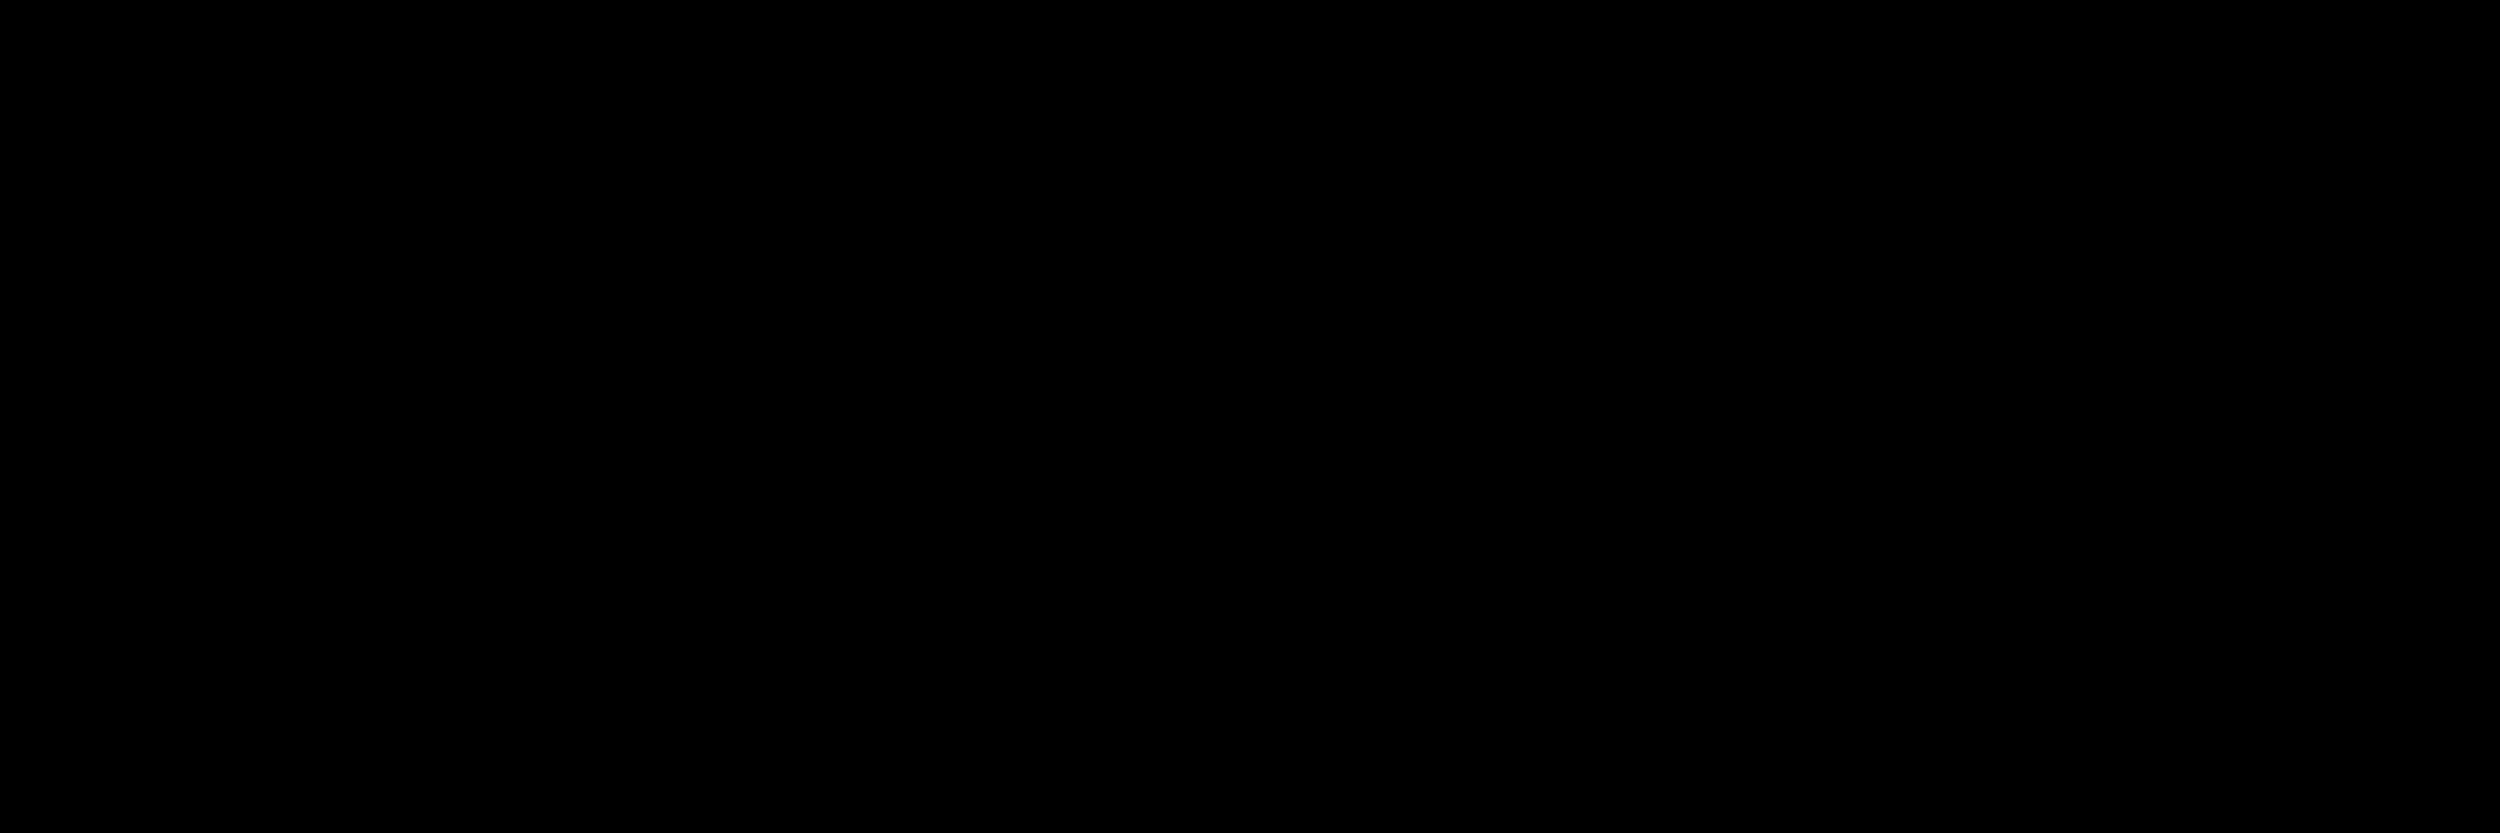 Print DSA Logo.png